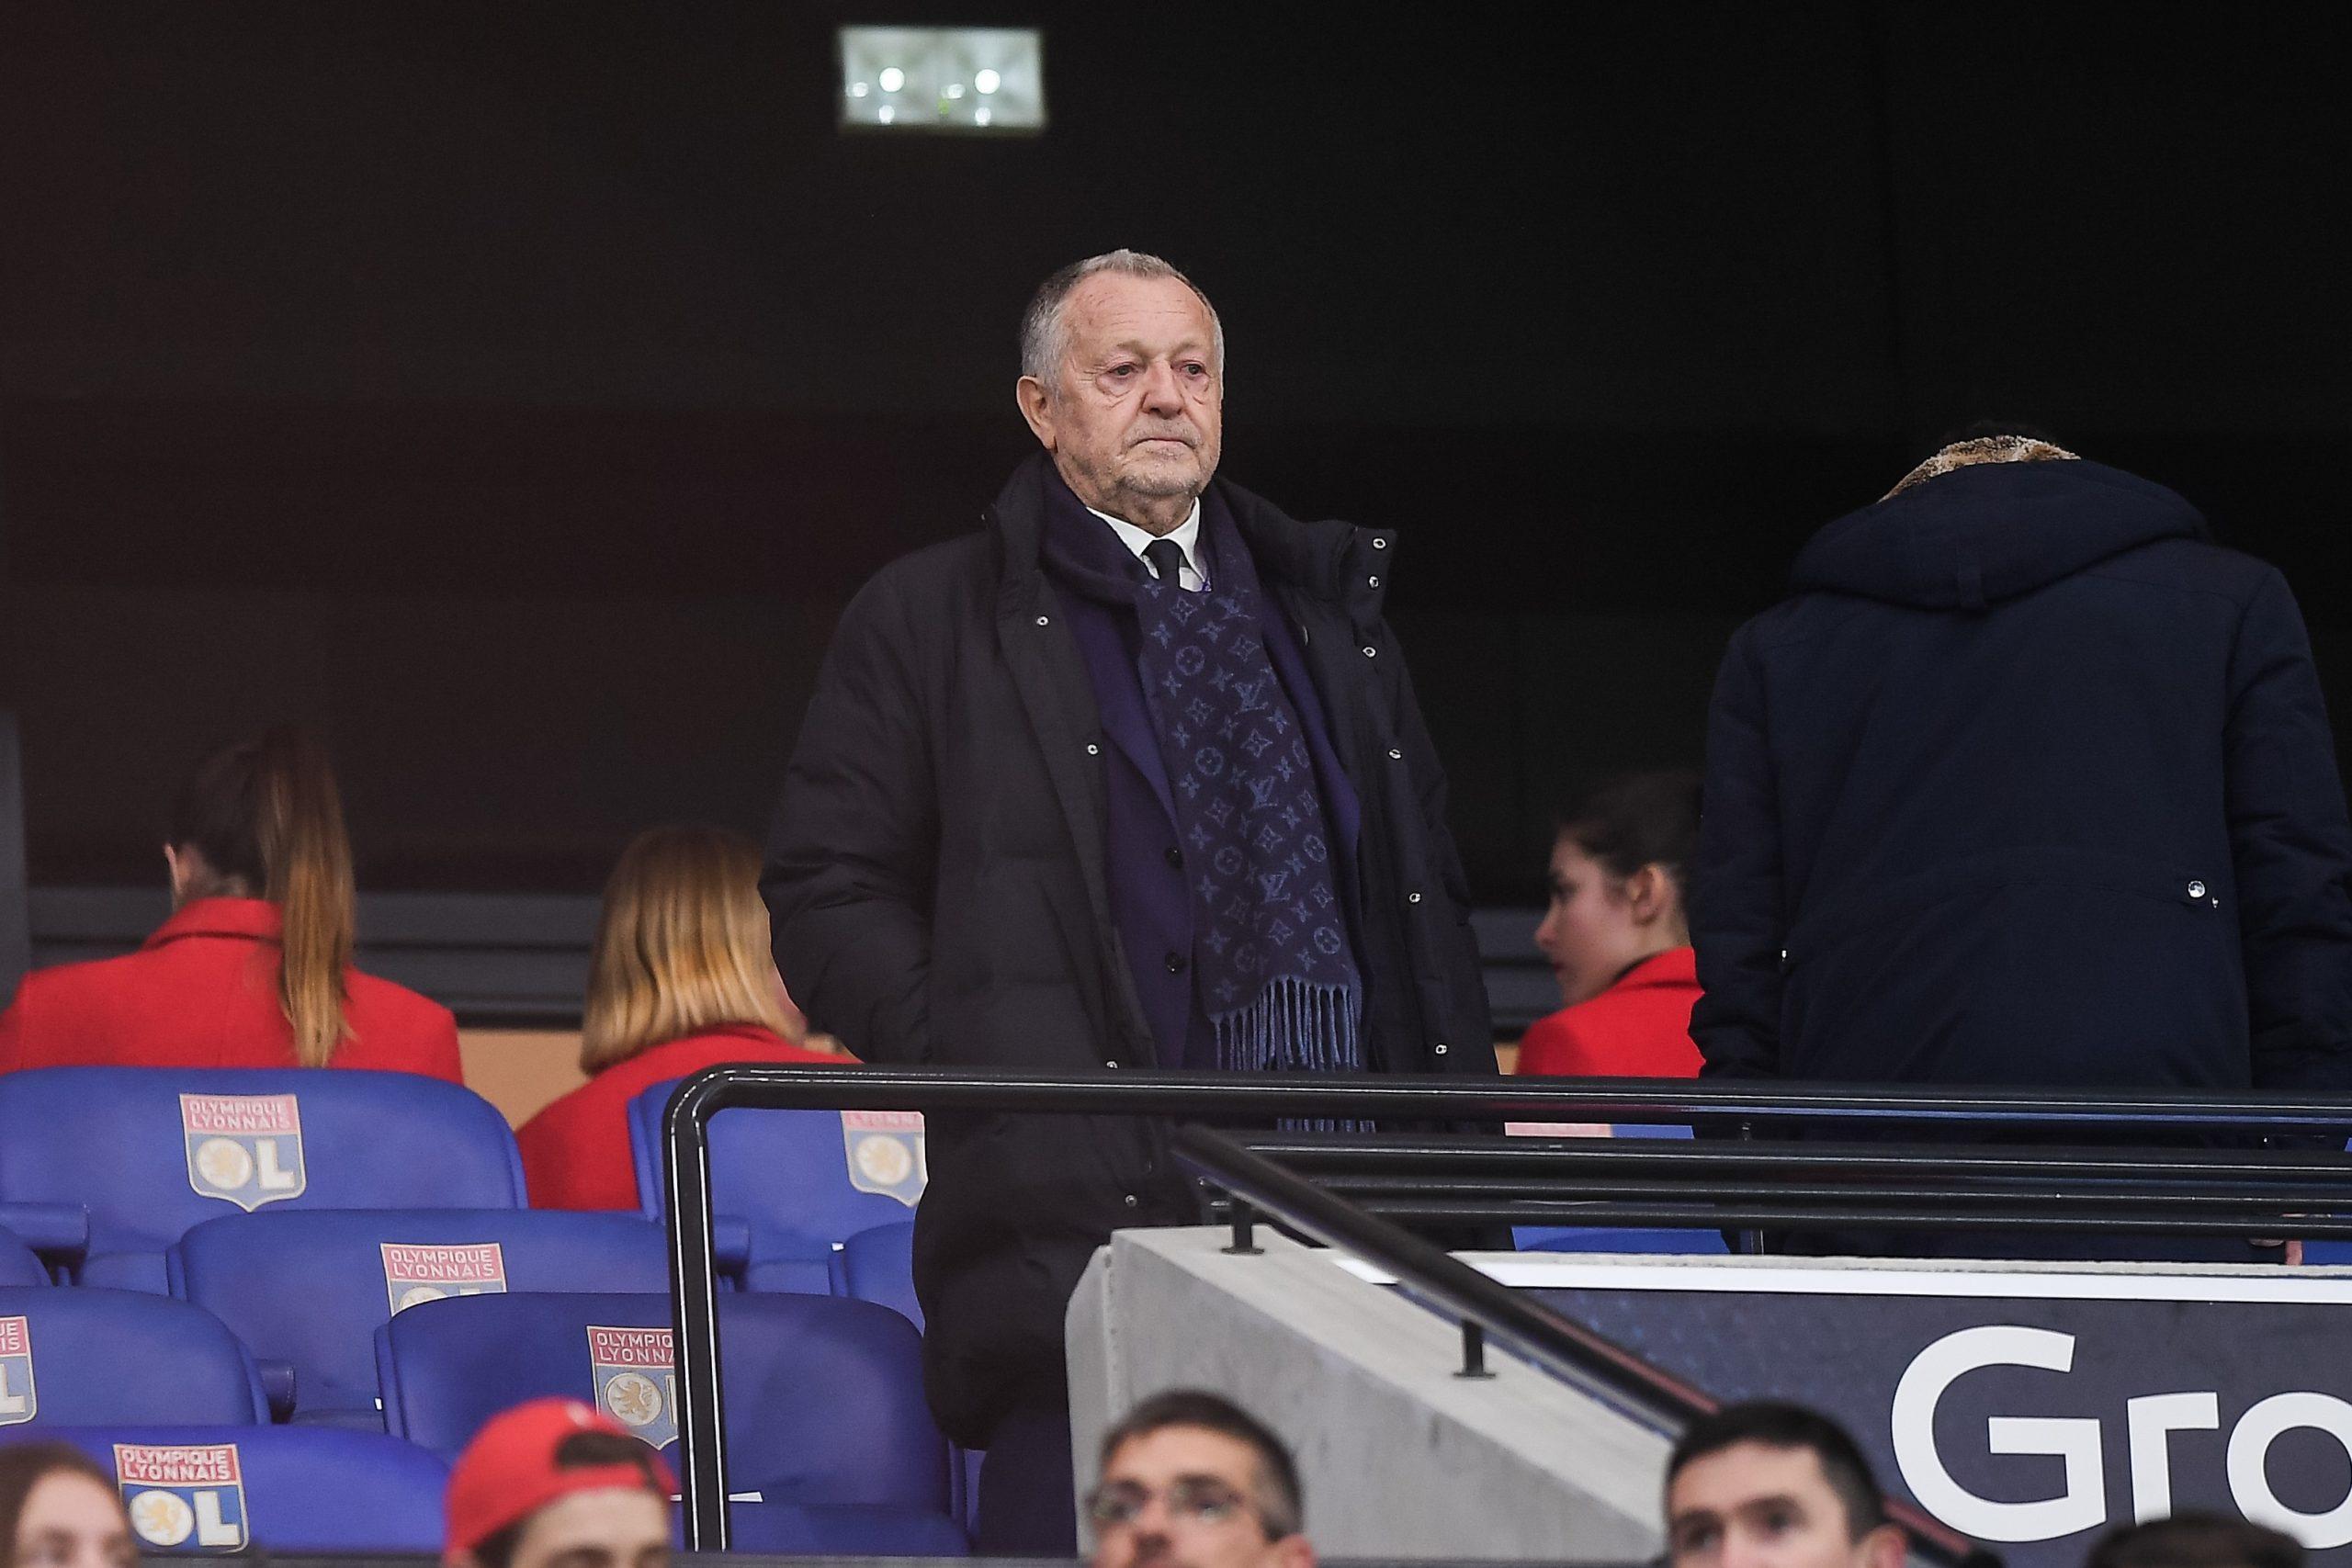 Ligue 1 - Aulas espère encore un changement des décisions de la LFP sur l'arrêt de la saison